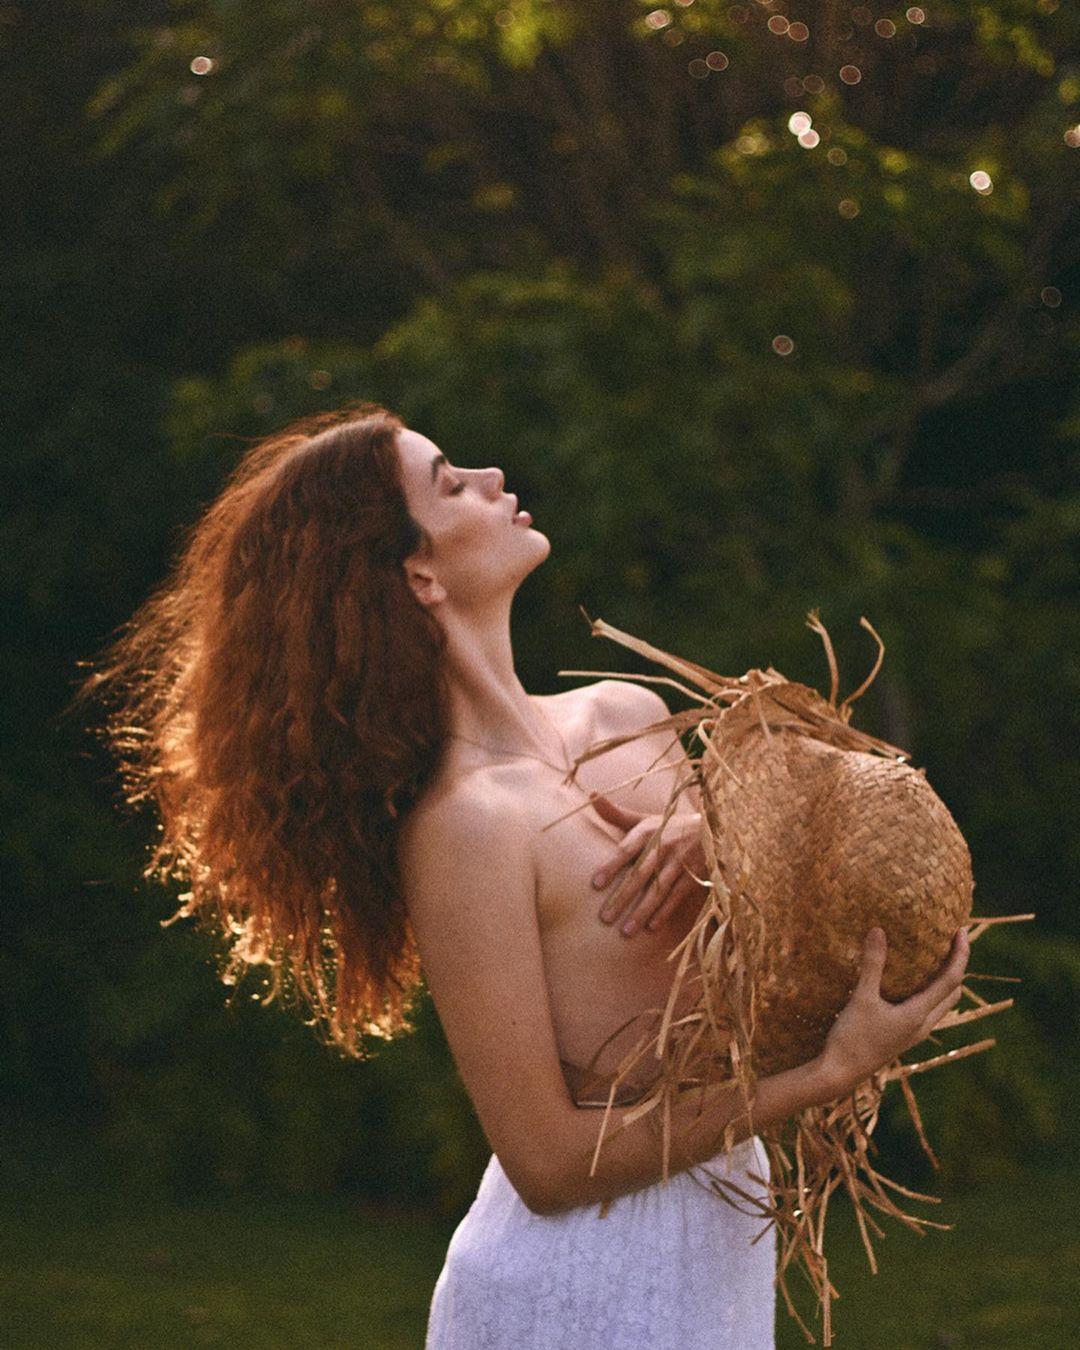 Чувственные фото девушек Мелиссы Картахена фотография,чувственность